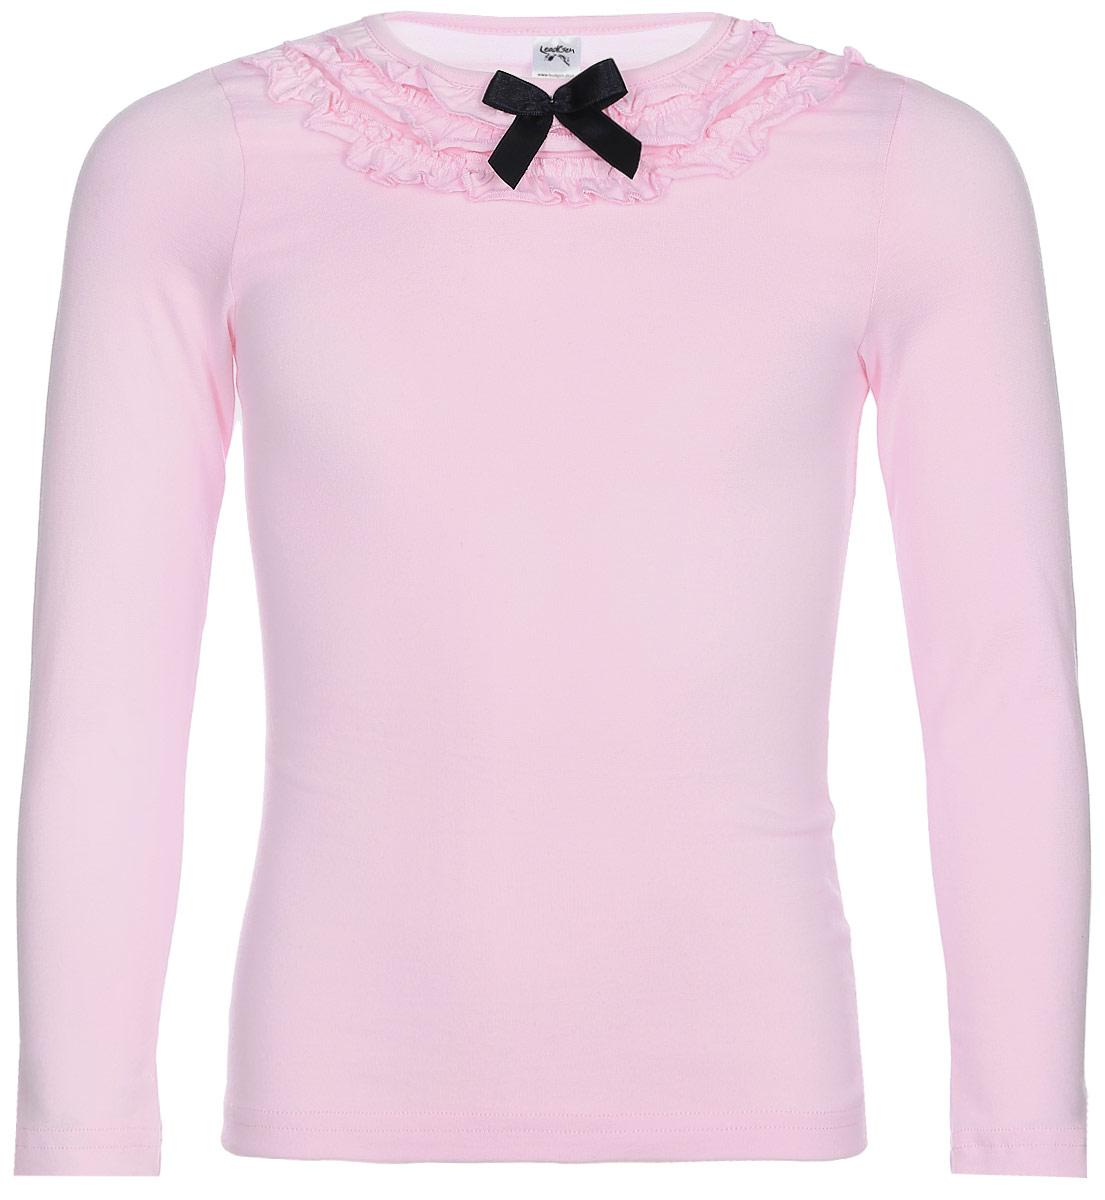 Джемпер для девочки LeadGen, цвет: розовый. G980008716-172. Размер 134G980008716-172Джемпер для девочки LeadGen выполнен из эластичного хлопкового трикотажа. Модель с длинными рукавами и круглым вырезом горловины. Вырез горловины декорирован рюшами и контрастным бантиком.